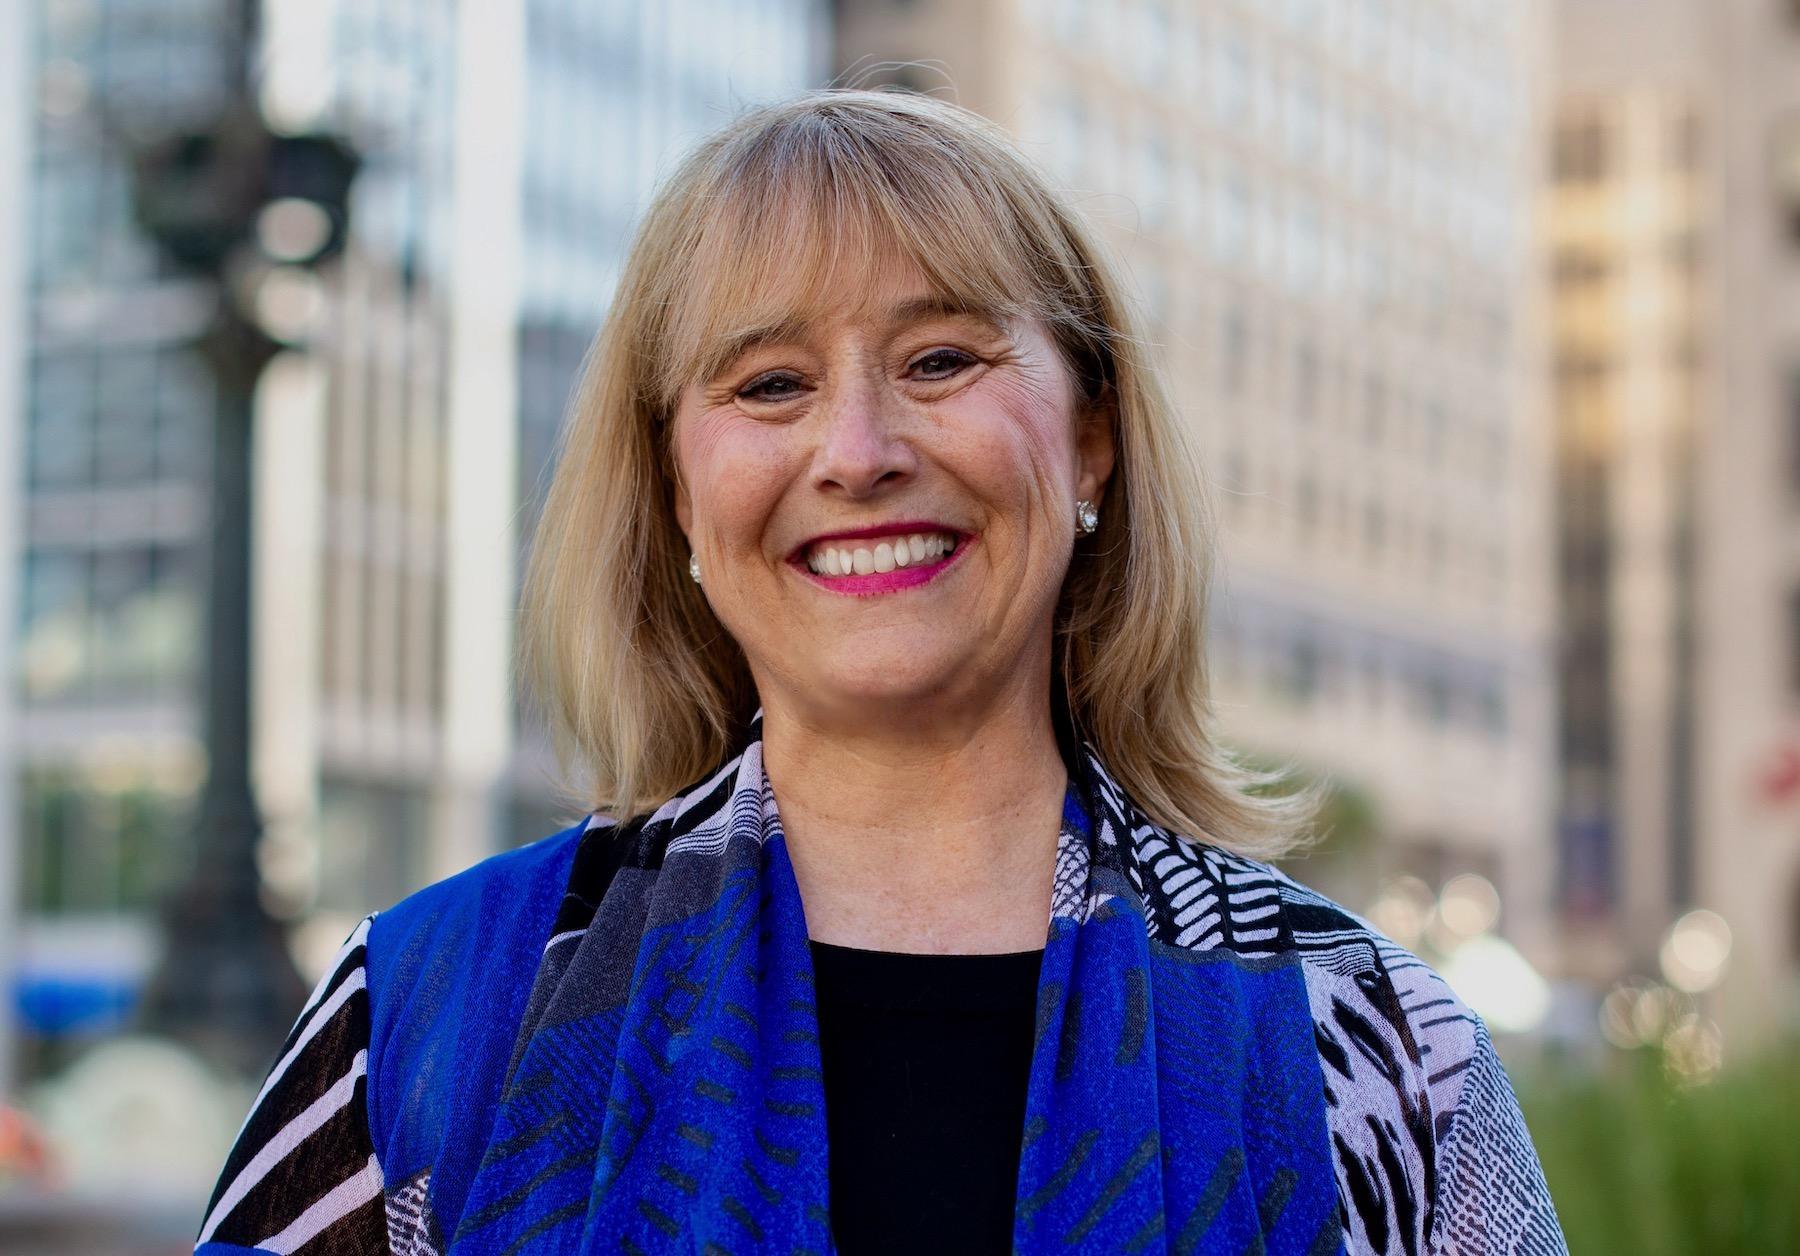 Lori Bolin